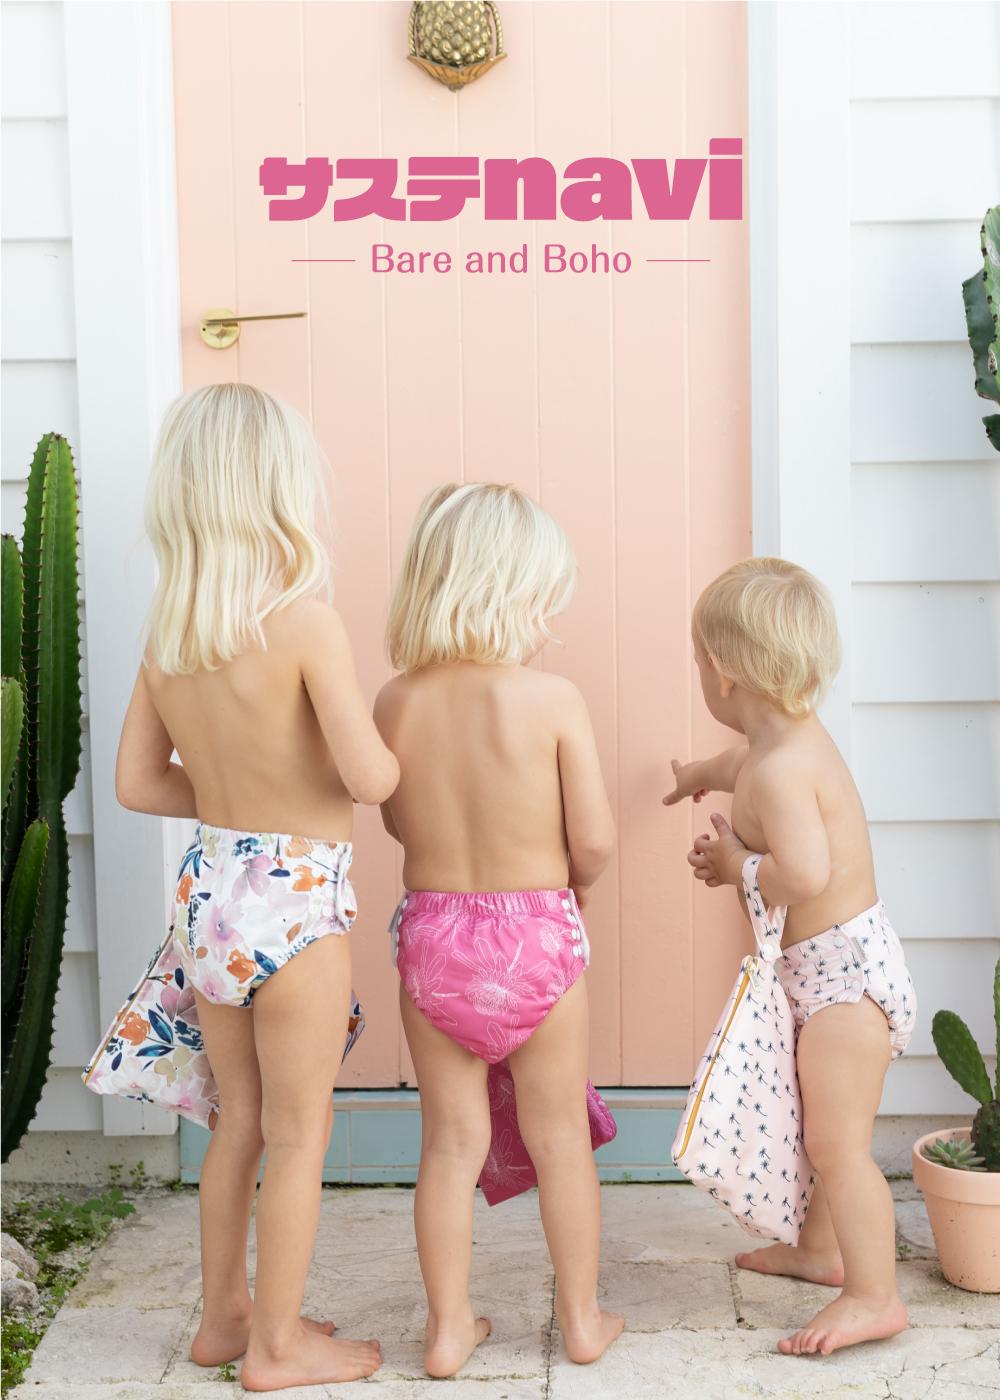 3カ月から3歳まで使える便利でオシャレな布おむつ。2021年上陸のサステナブルベビーブランド『Bare and Boho』